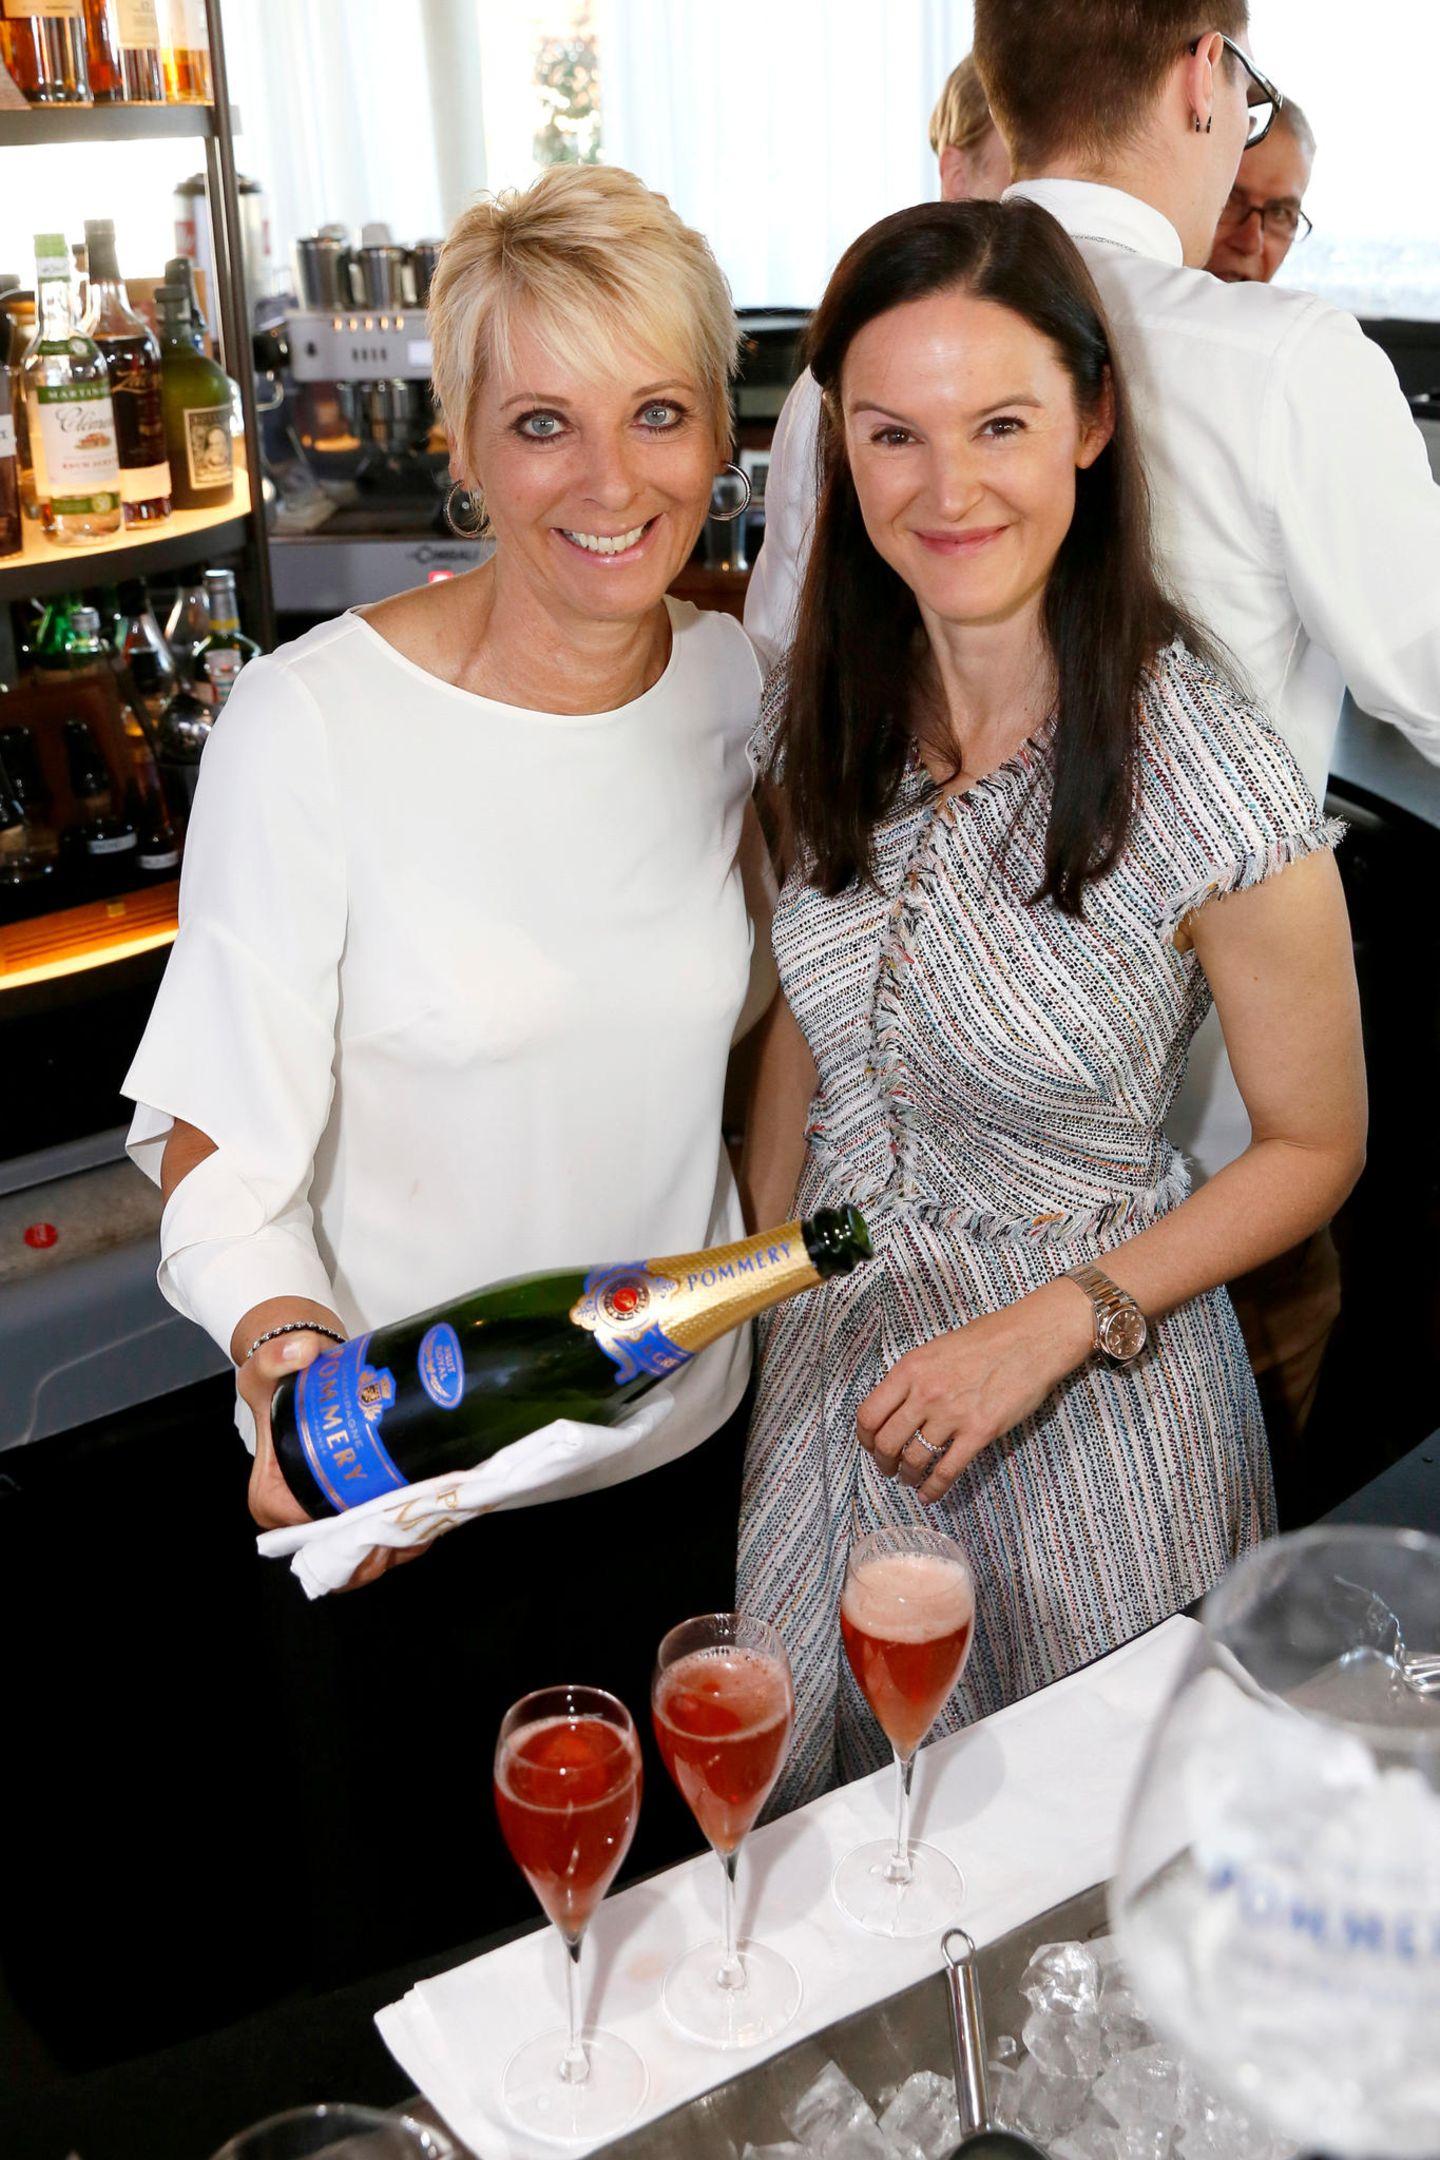 Cheers! Andrea Kästel (Sisley Vertriebs GmbH) und Doris Brückner (Chefredakteurin gala.de und brigitte.de) läuten dasSPA-AWARDS-Wochenende bei dem Champagner-Cocktailkurs mit Pommery ein.